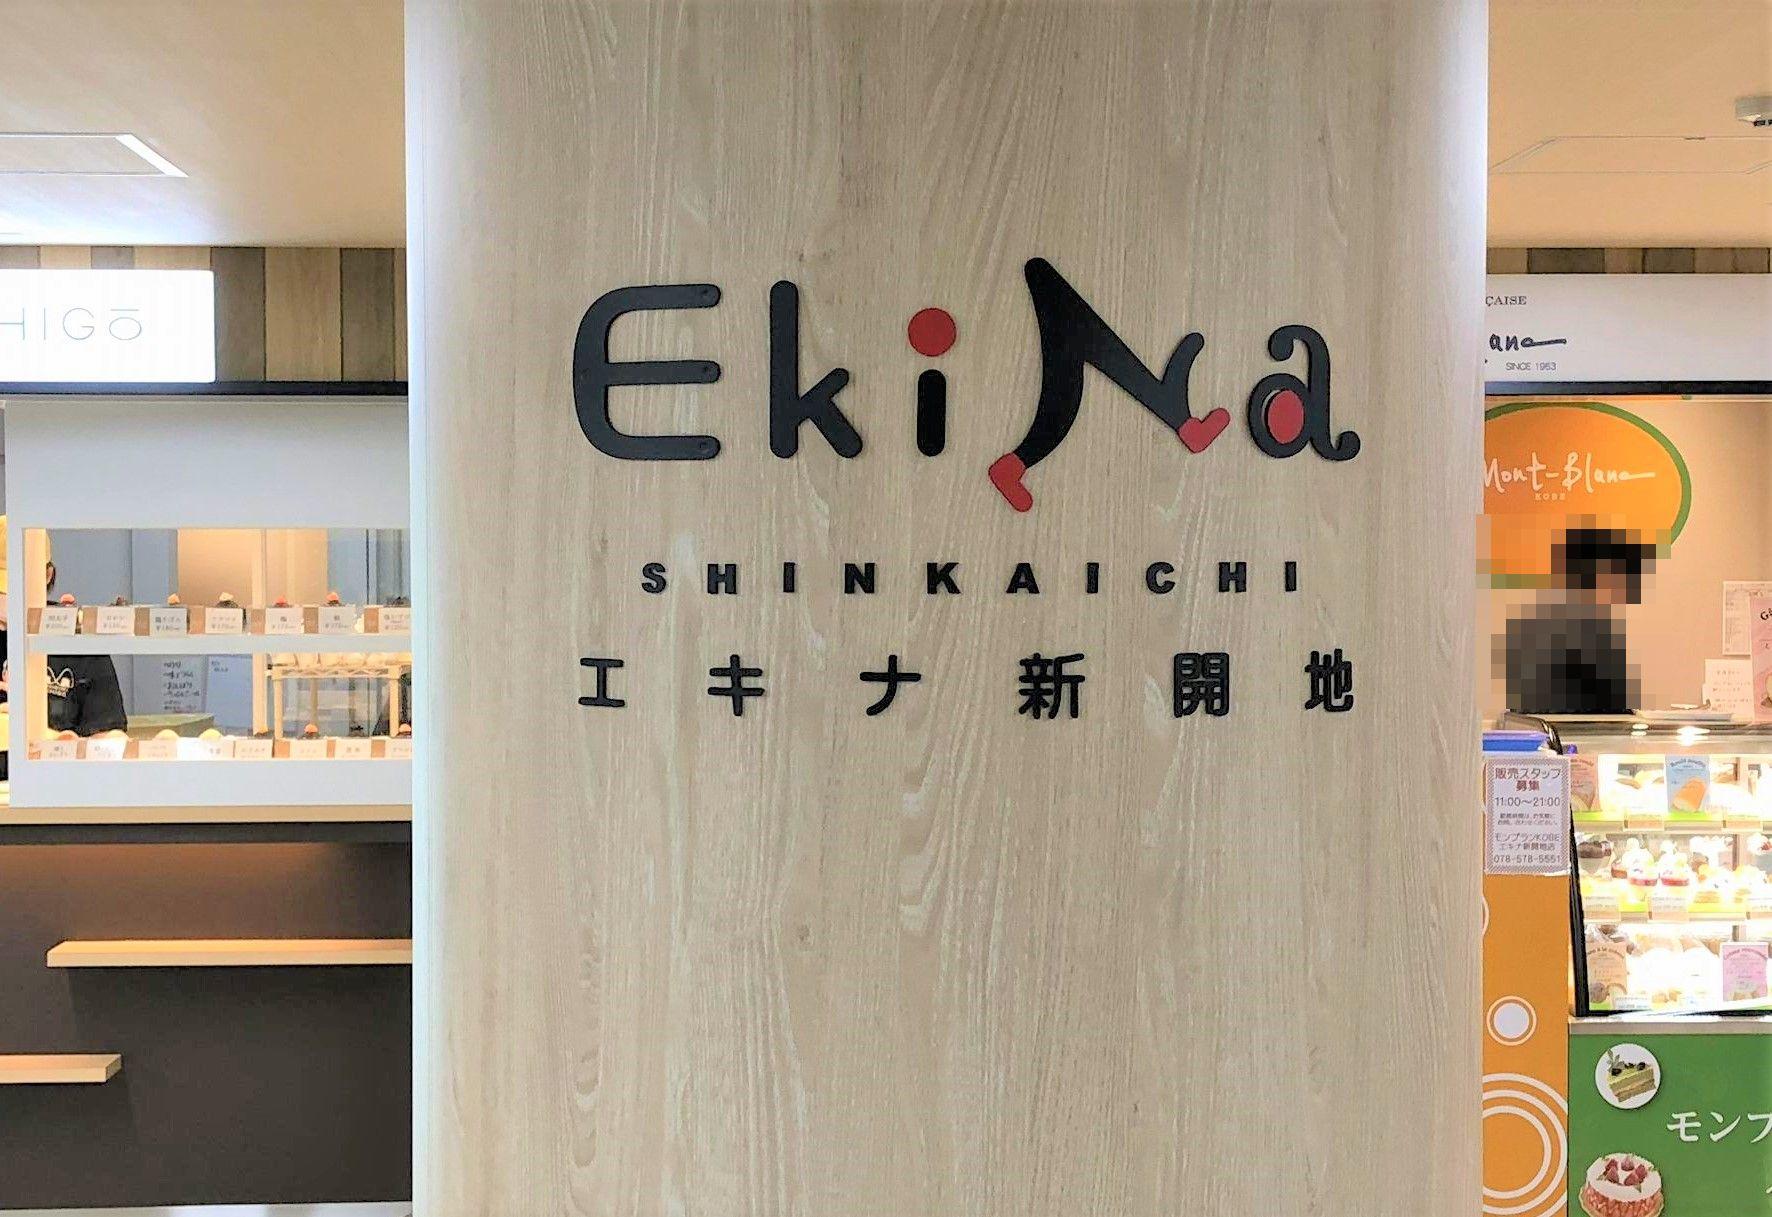 新開地駅構内に駅ナカ商業施設「エキナ新開地」が7/18にオープンしたので行ってきた! #エキナ新開地 #新開地 #新規オープン #商業施設 #神戸高速鉄道 #阪神電車